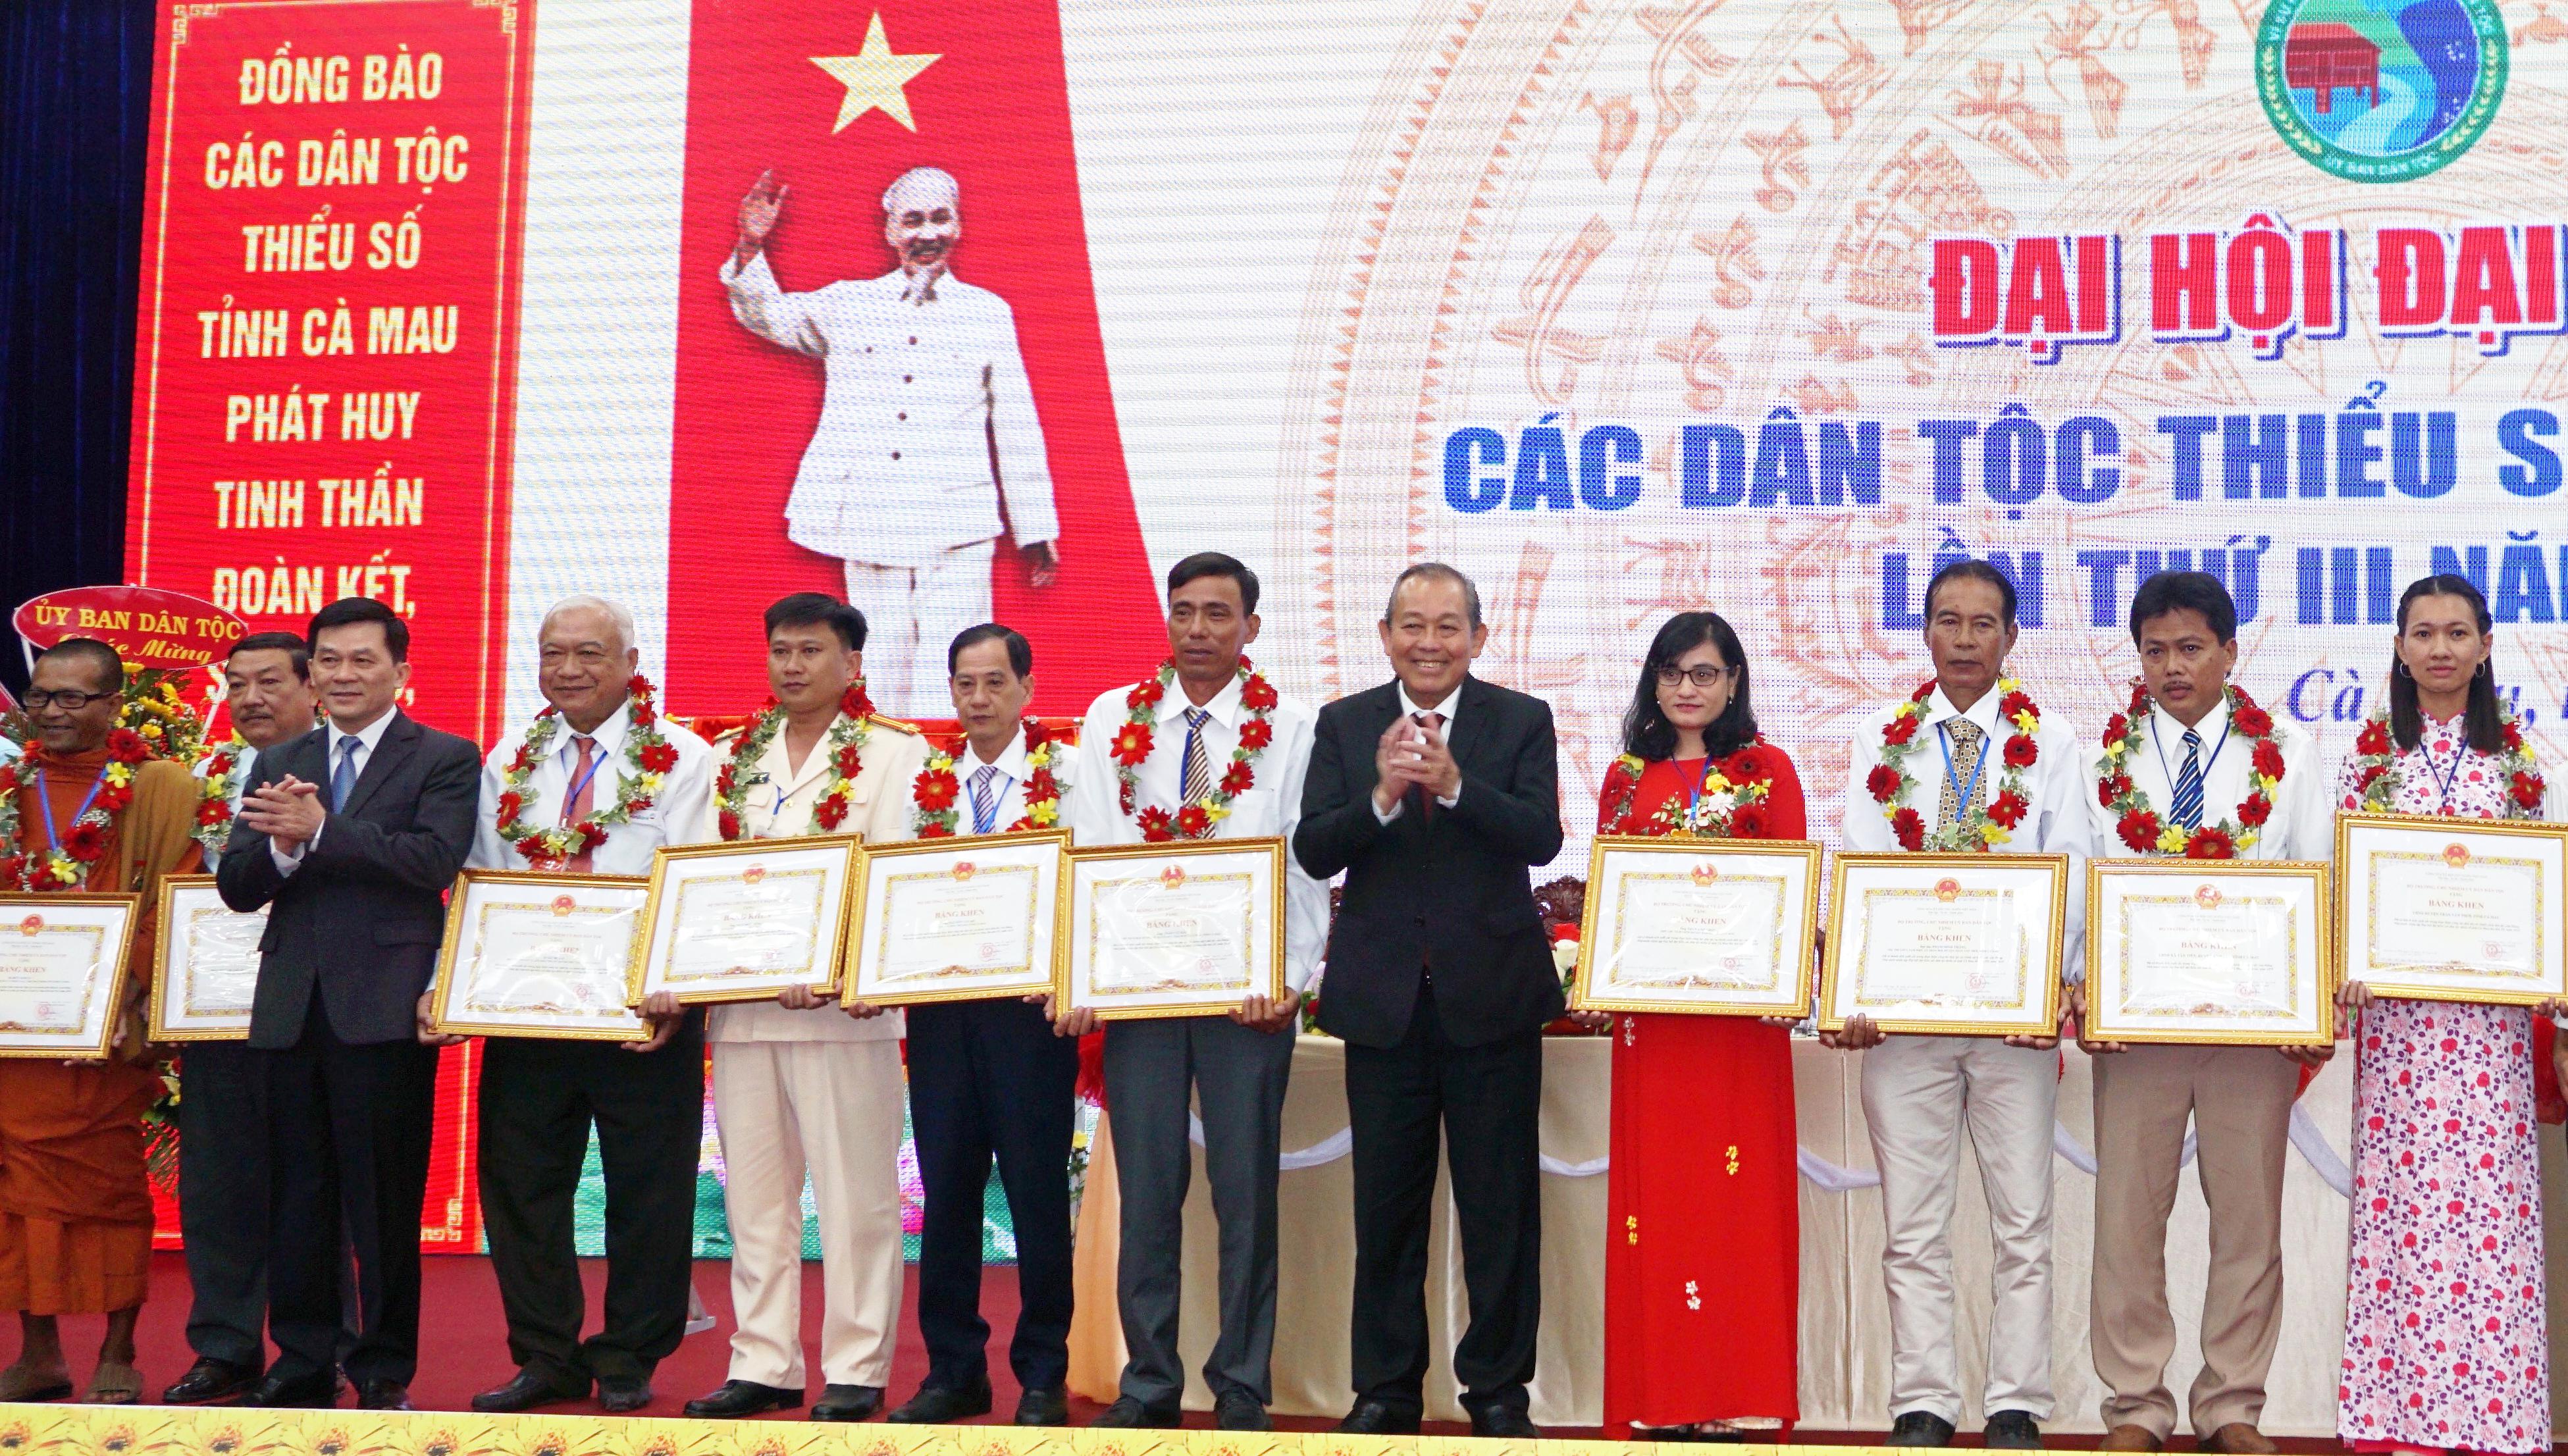 Phó Thủ tướng Thường trực Chính phủ Trương Hòa Bình và Thứ trưởng, Phó Chủ nhiệm UBDT Nông Quốc Tuấn trao Bằng khen của Bộ trưởng UBDT cho các đại biểu.